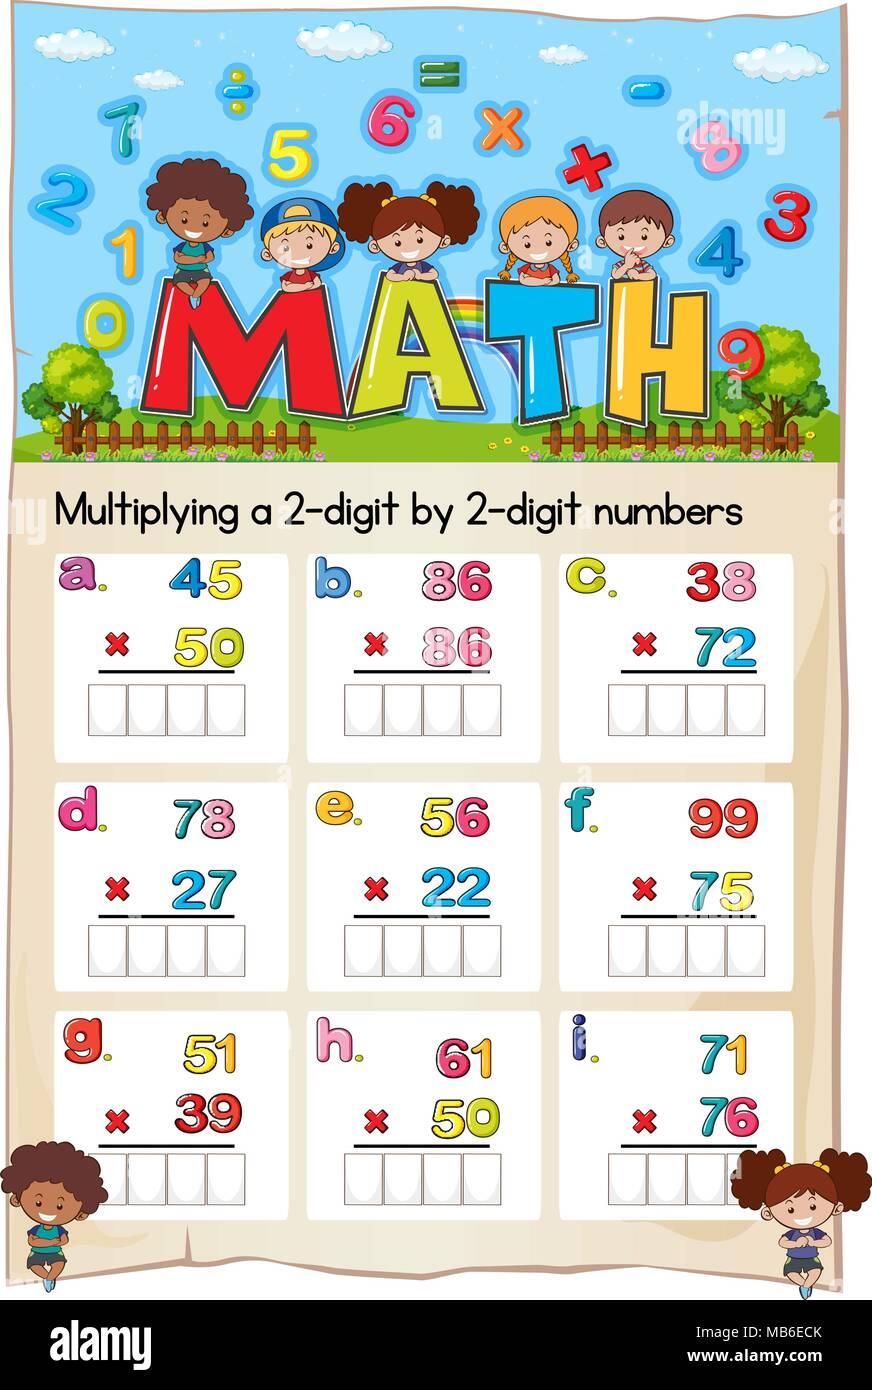 Mathe Arbeitsblatt für die Multiplikation zweier Ziffer durch ...